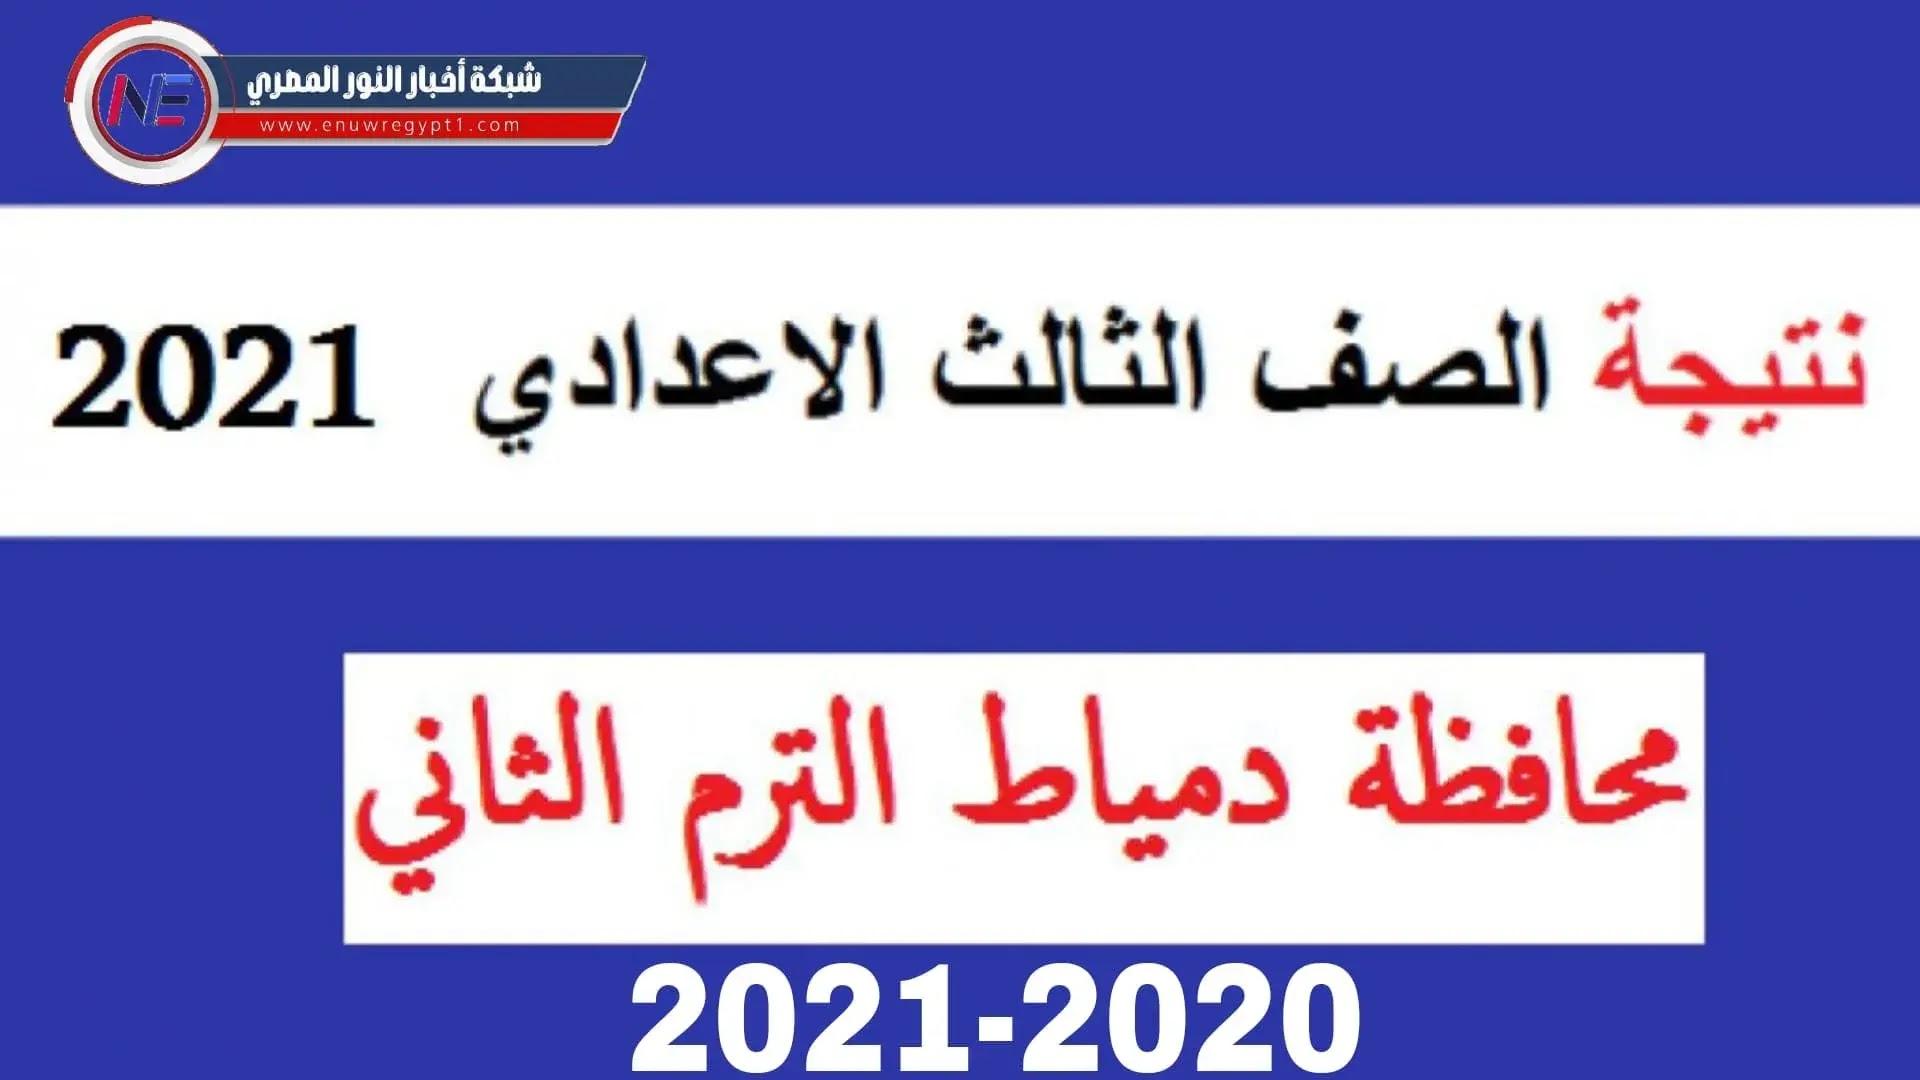 بالاسم ورقم الجلوس .. نتيجه الشهادة الاعدادية الترم الثاني 2021 بمحافظة دمياط عبر البوابة الالكترونية